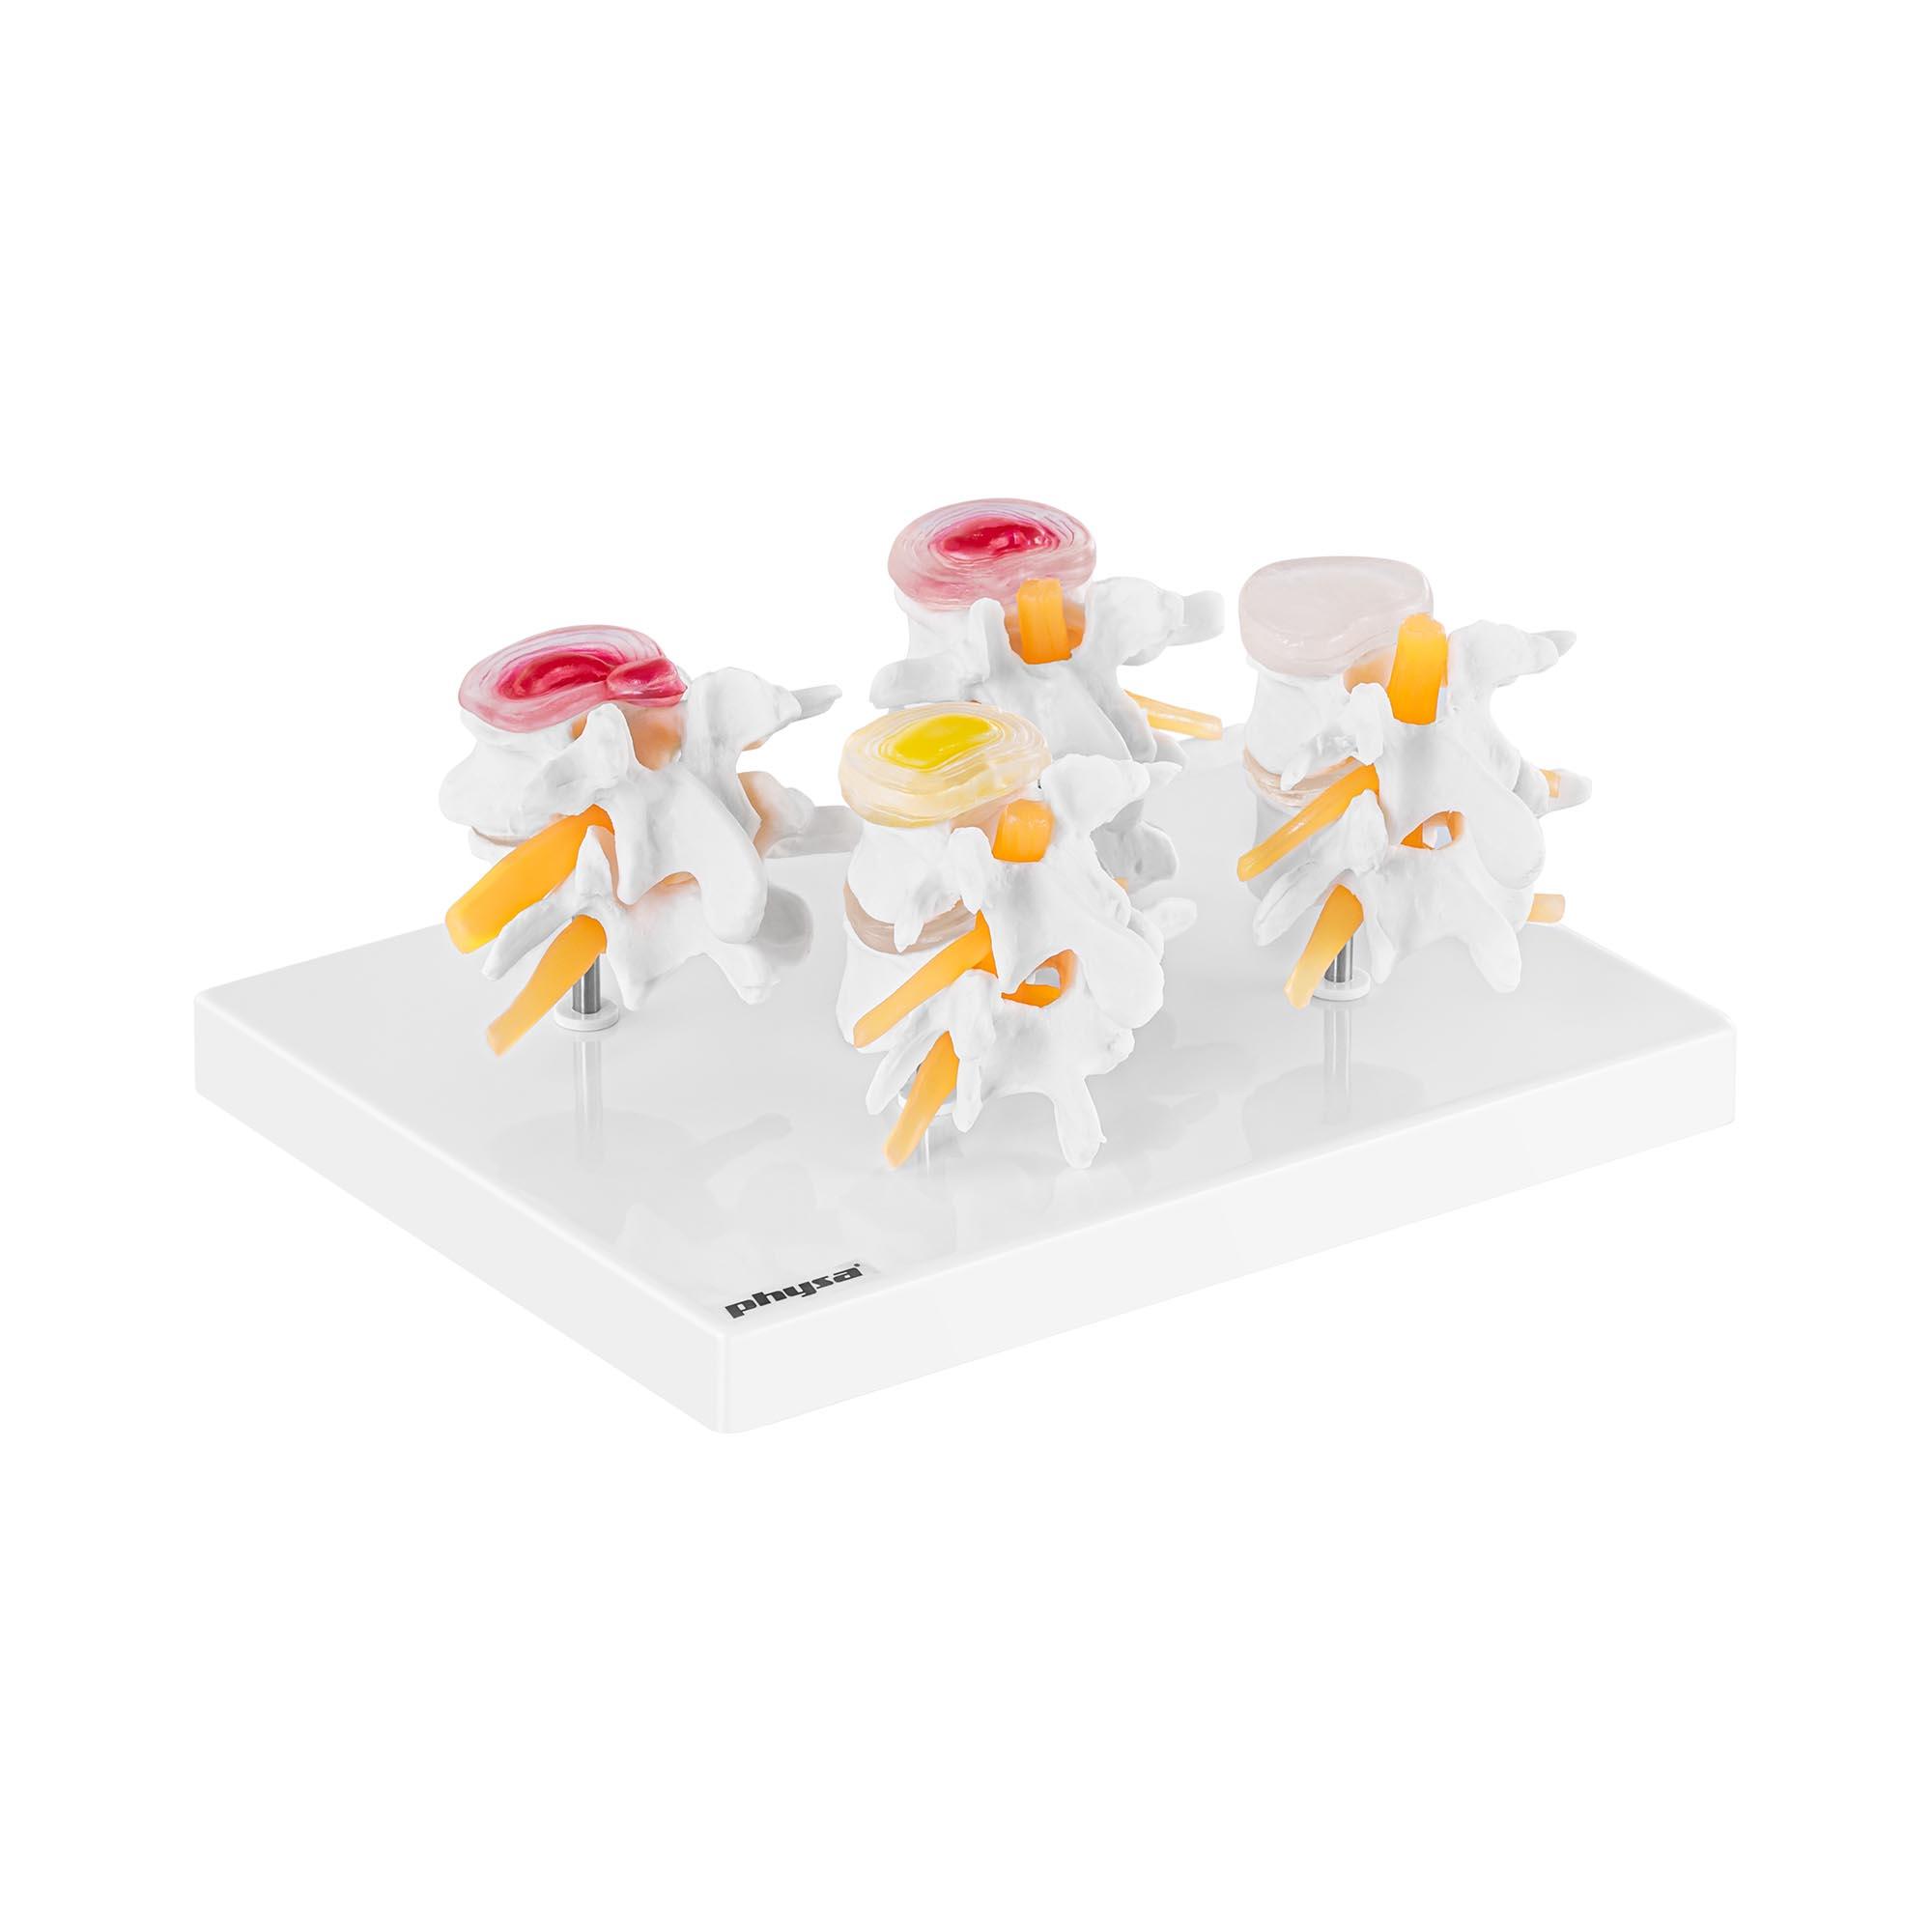 physa Lendenwirbel Modell - in 4 Teile zerlegbar - Originalgröße PHY-SM-7